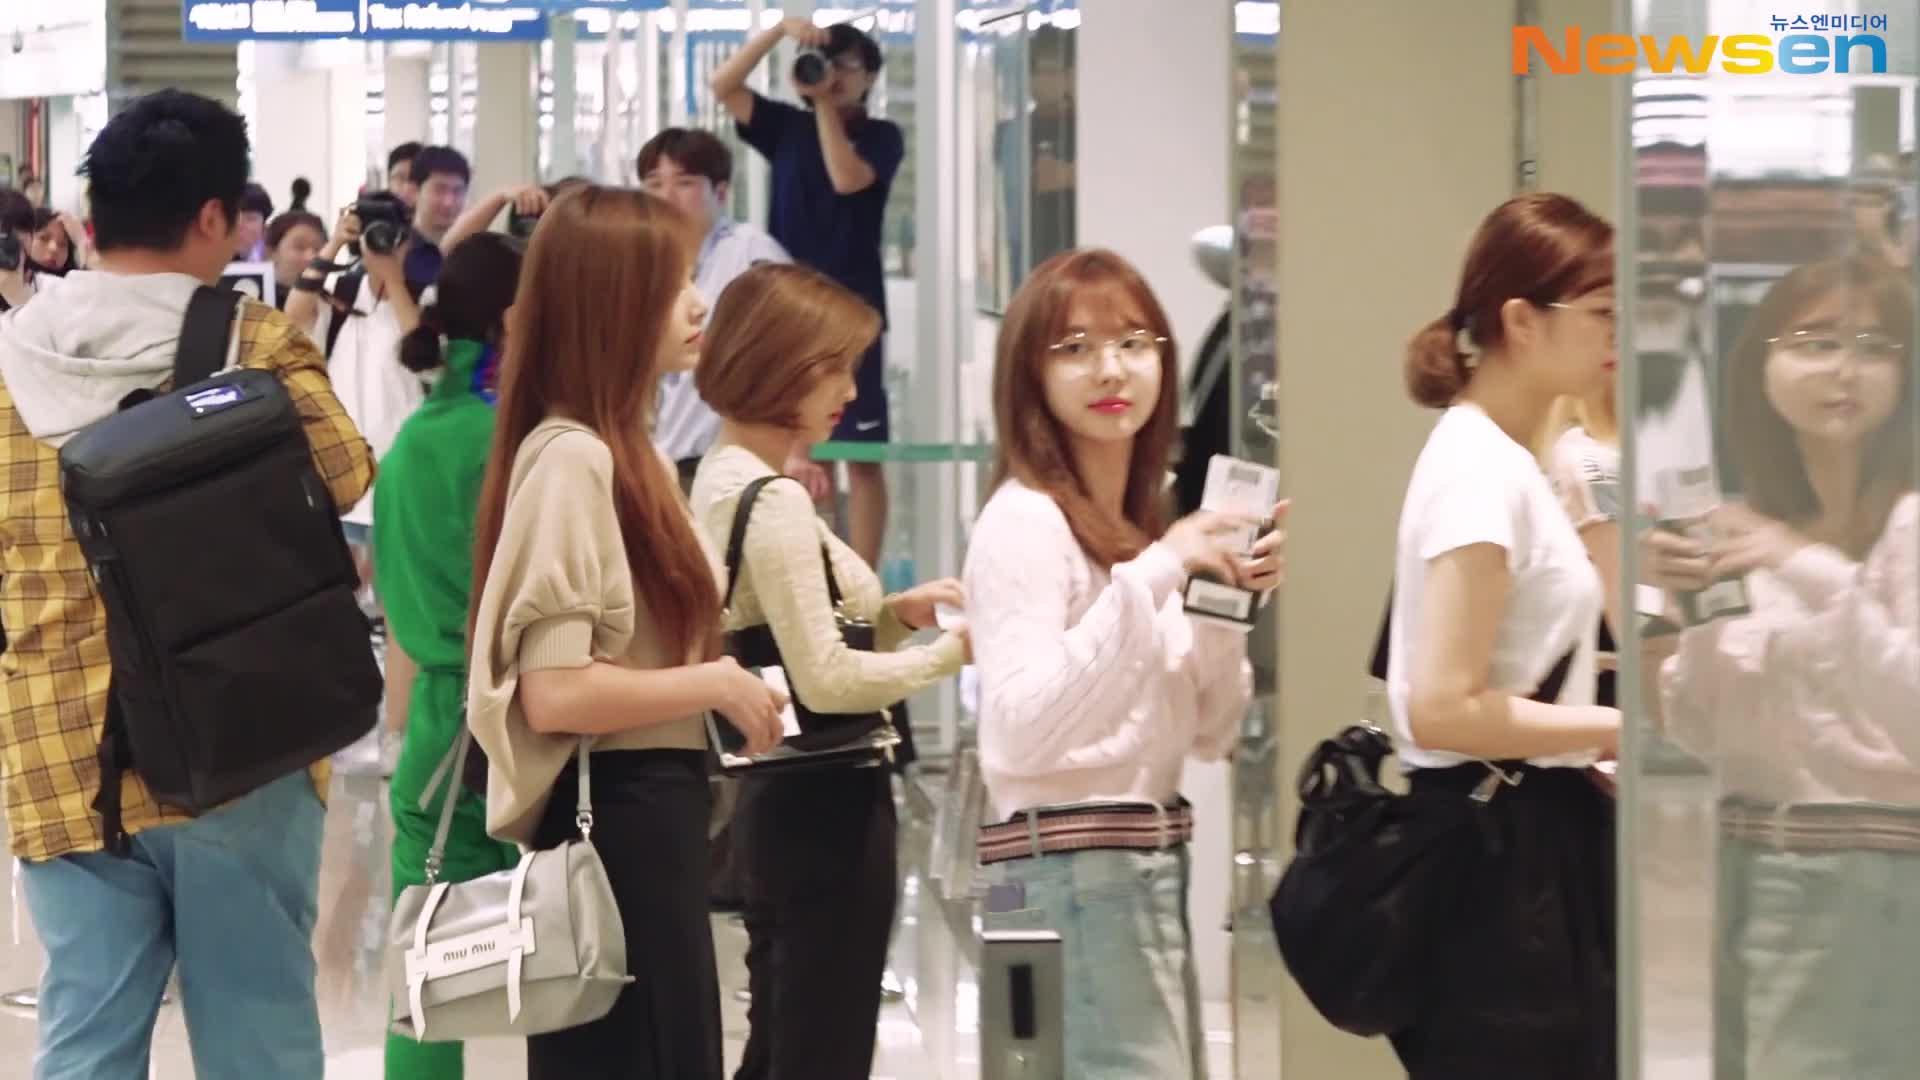 Cutie Glasses Nayeon wave GIFs